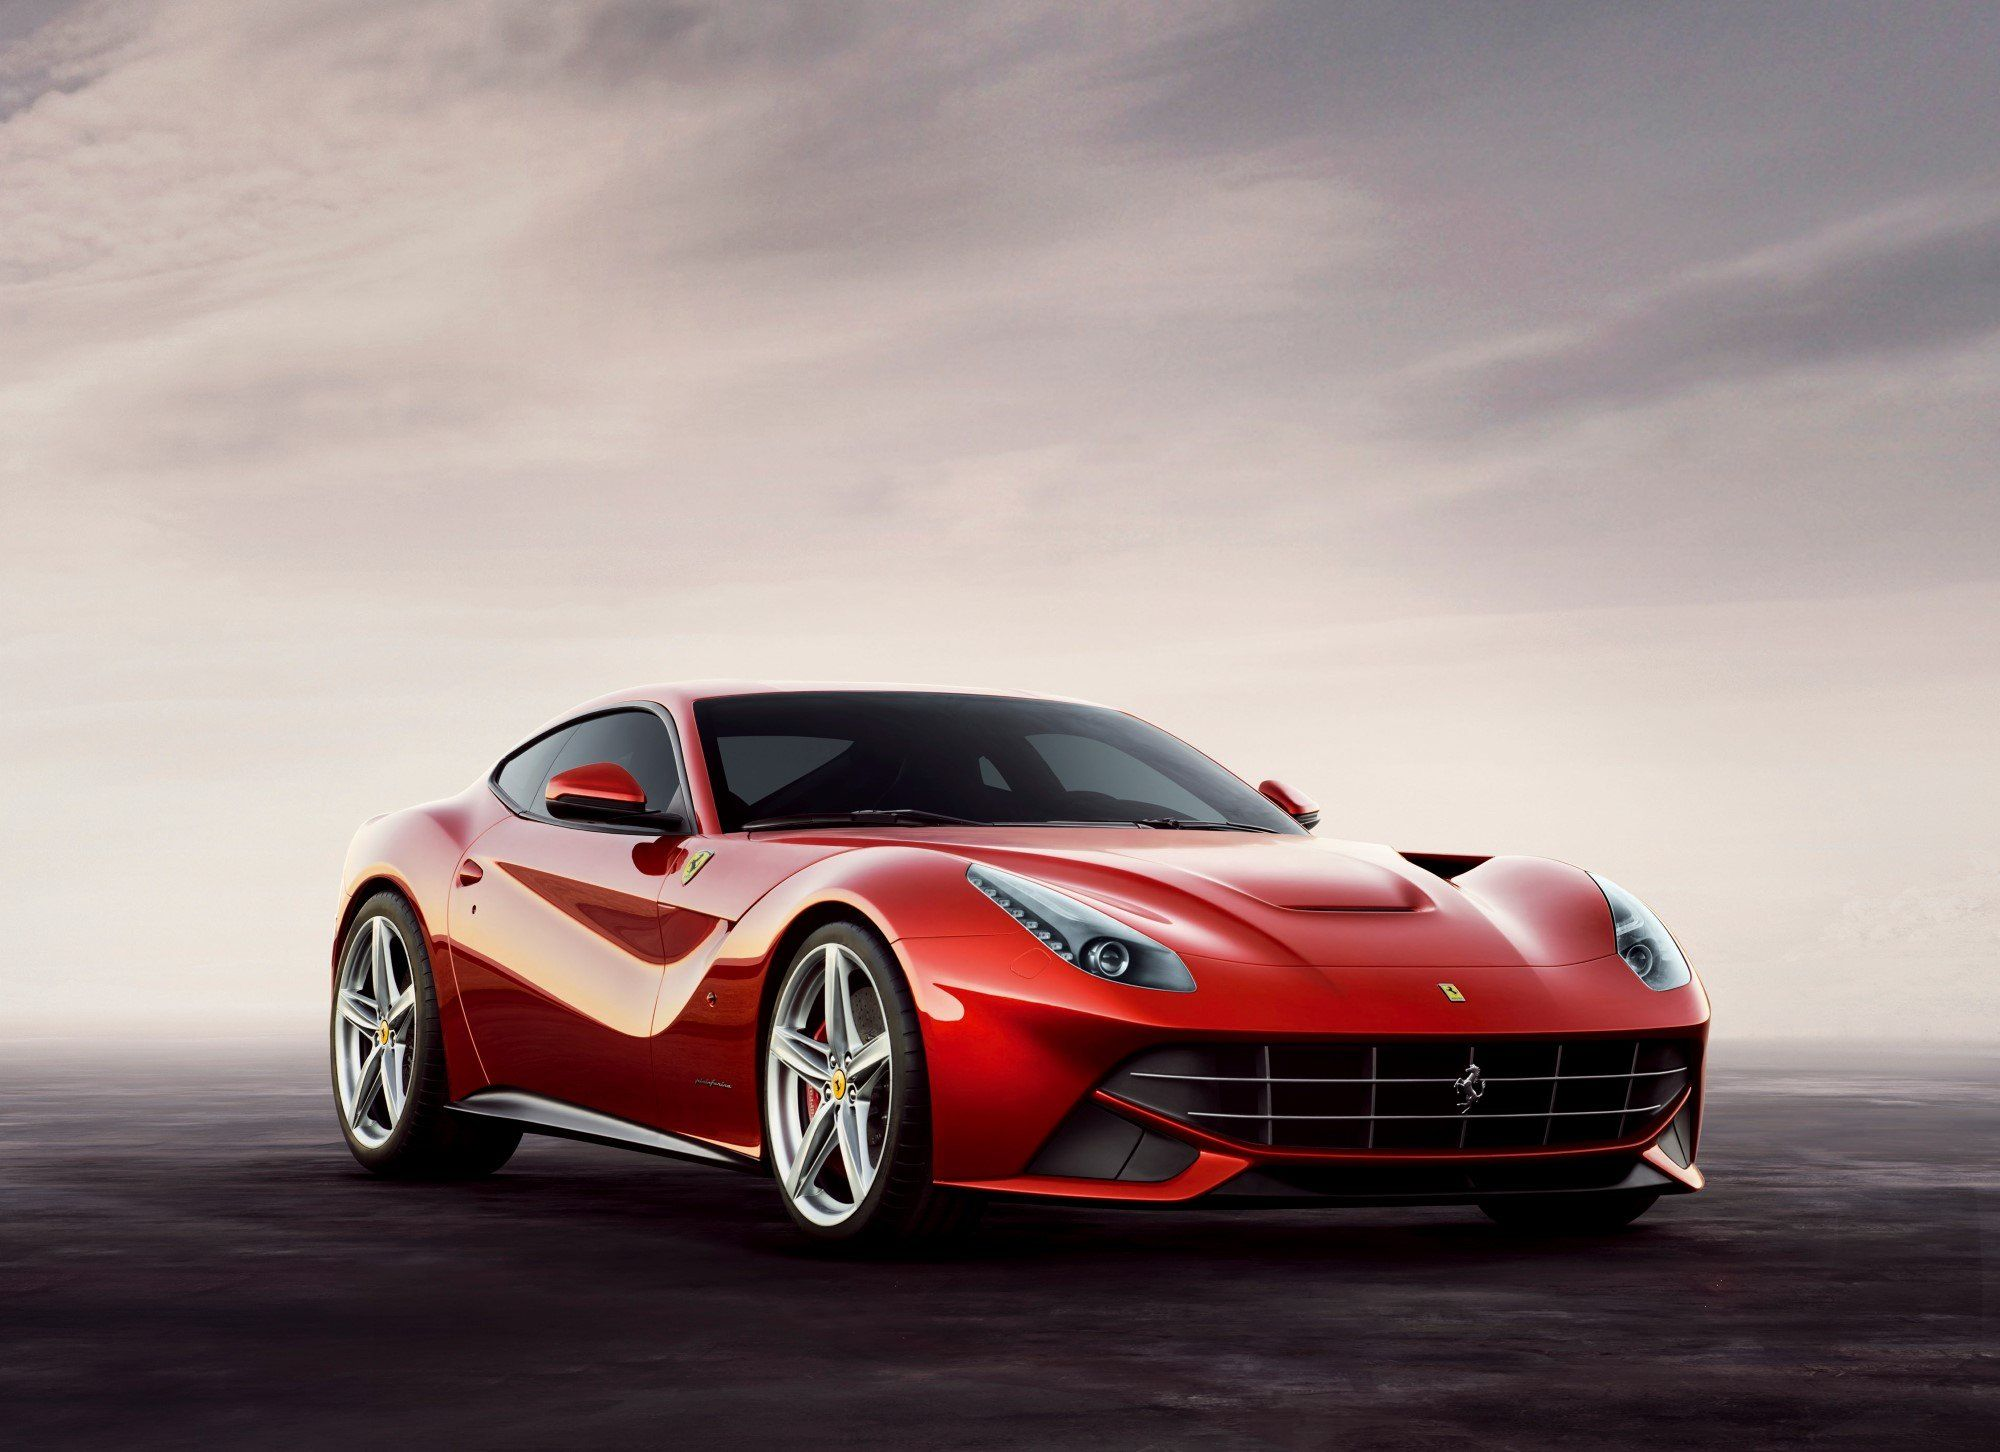 HyperFastCars Tune for Ferrari F12 Berlinetta